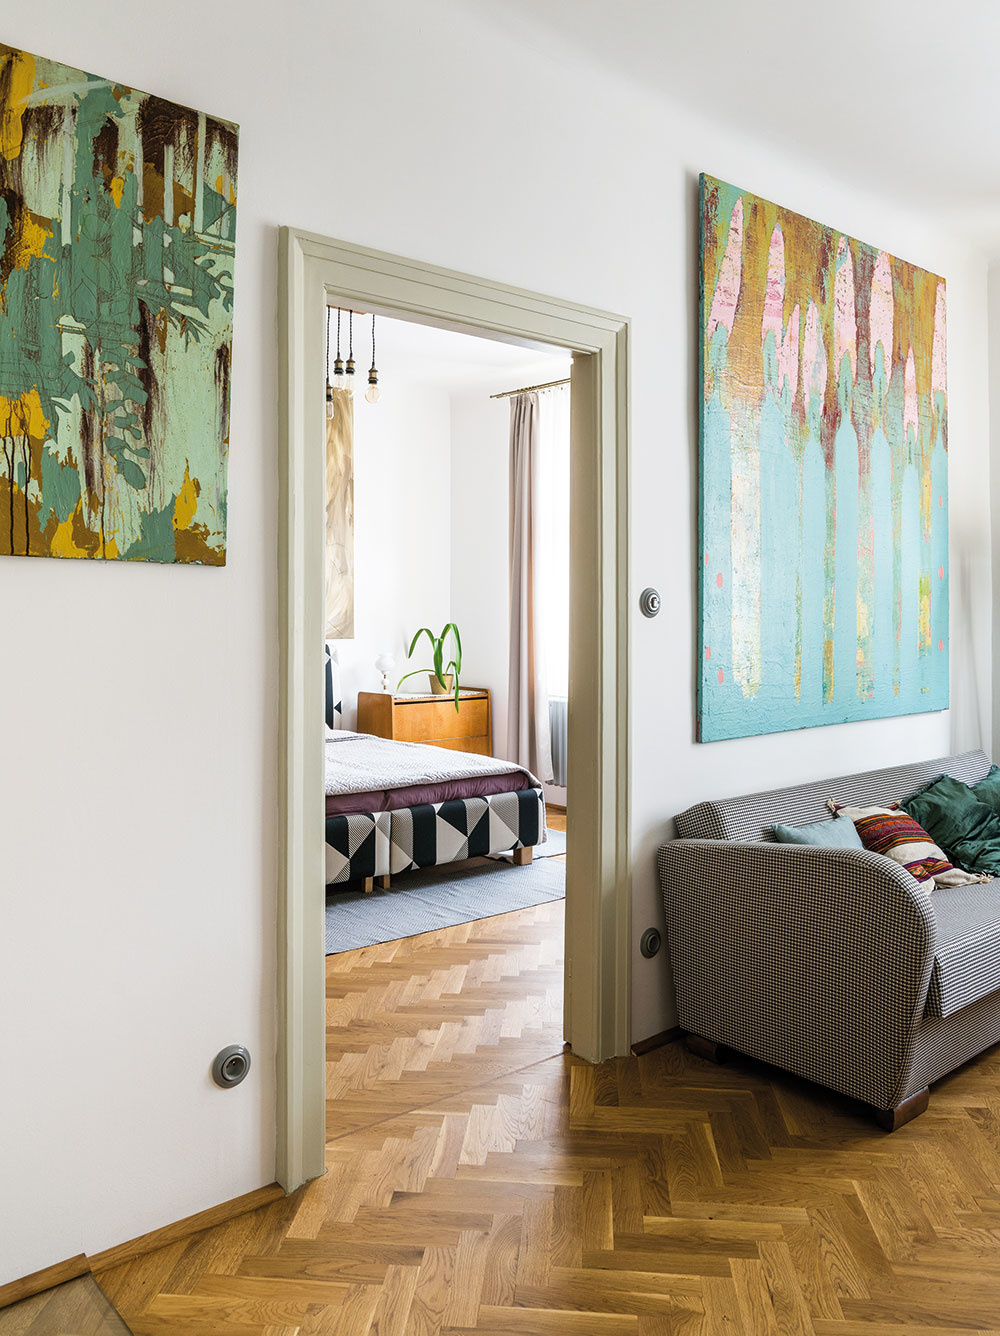 Miriamine maľby vniesli do atmosféry bytu ducha súčasnosti – hoci ide omoderné umenie, perfektne sa hodia  khistorickému zariadeniu.